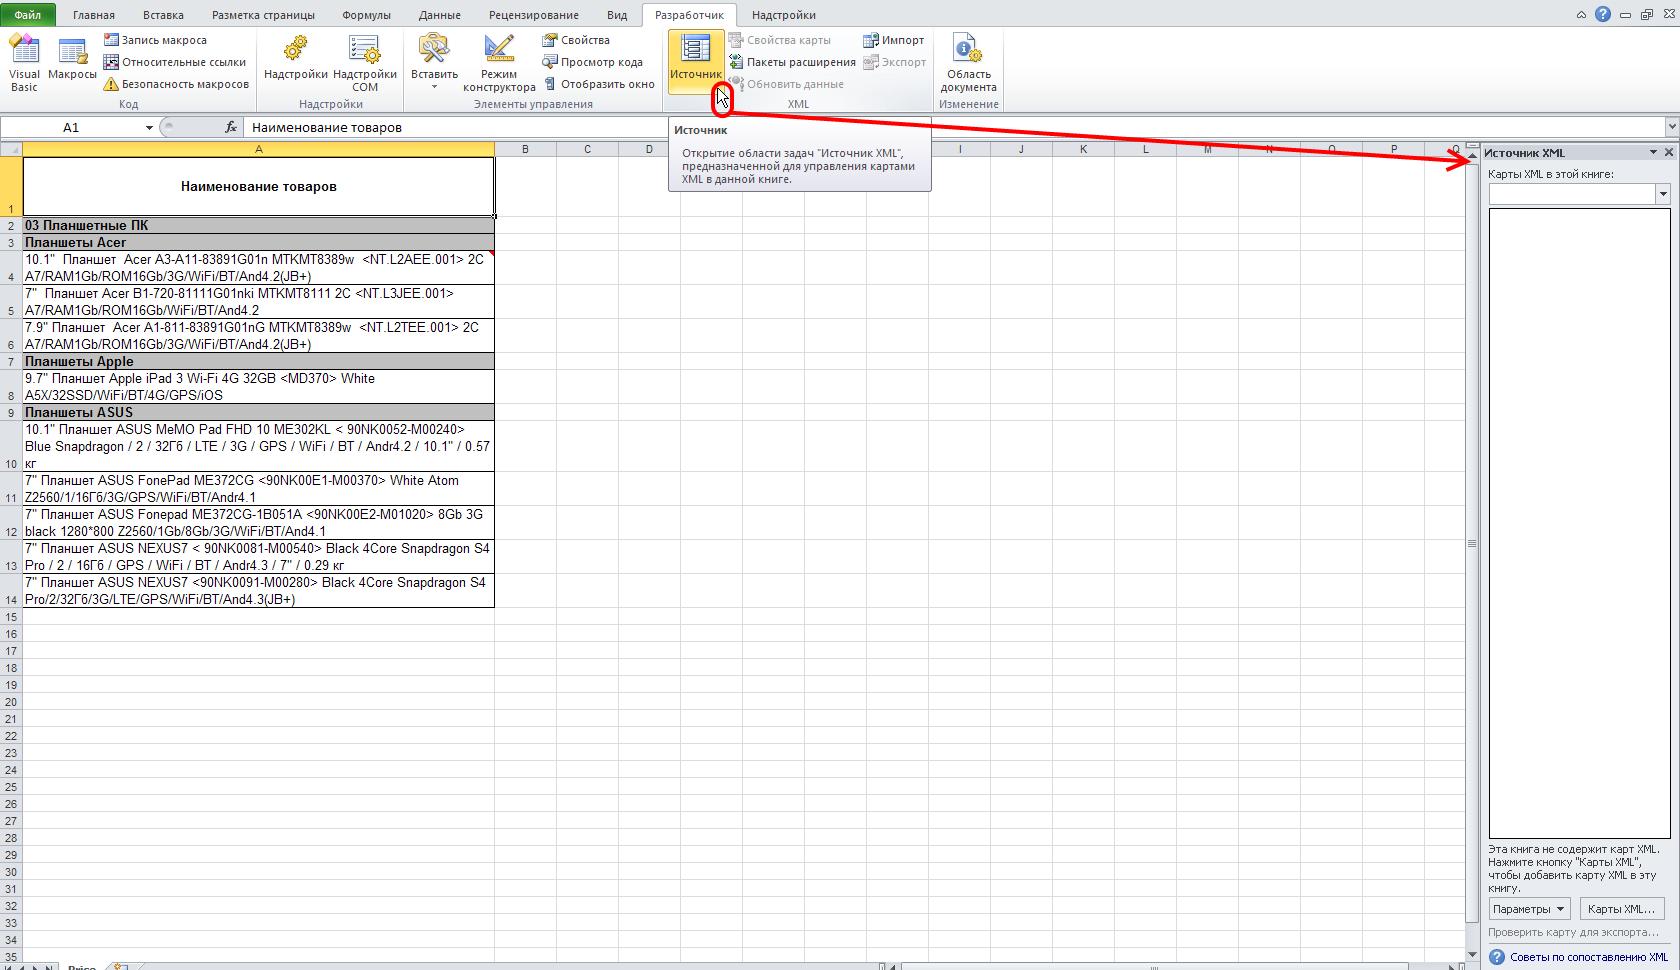 Excel: Разработчик - XML - Источник